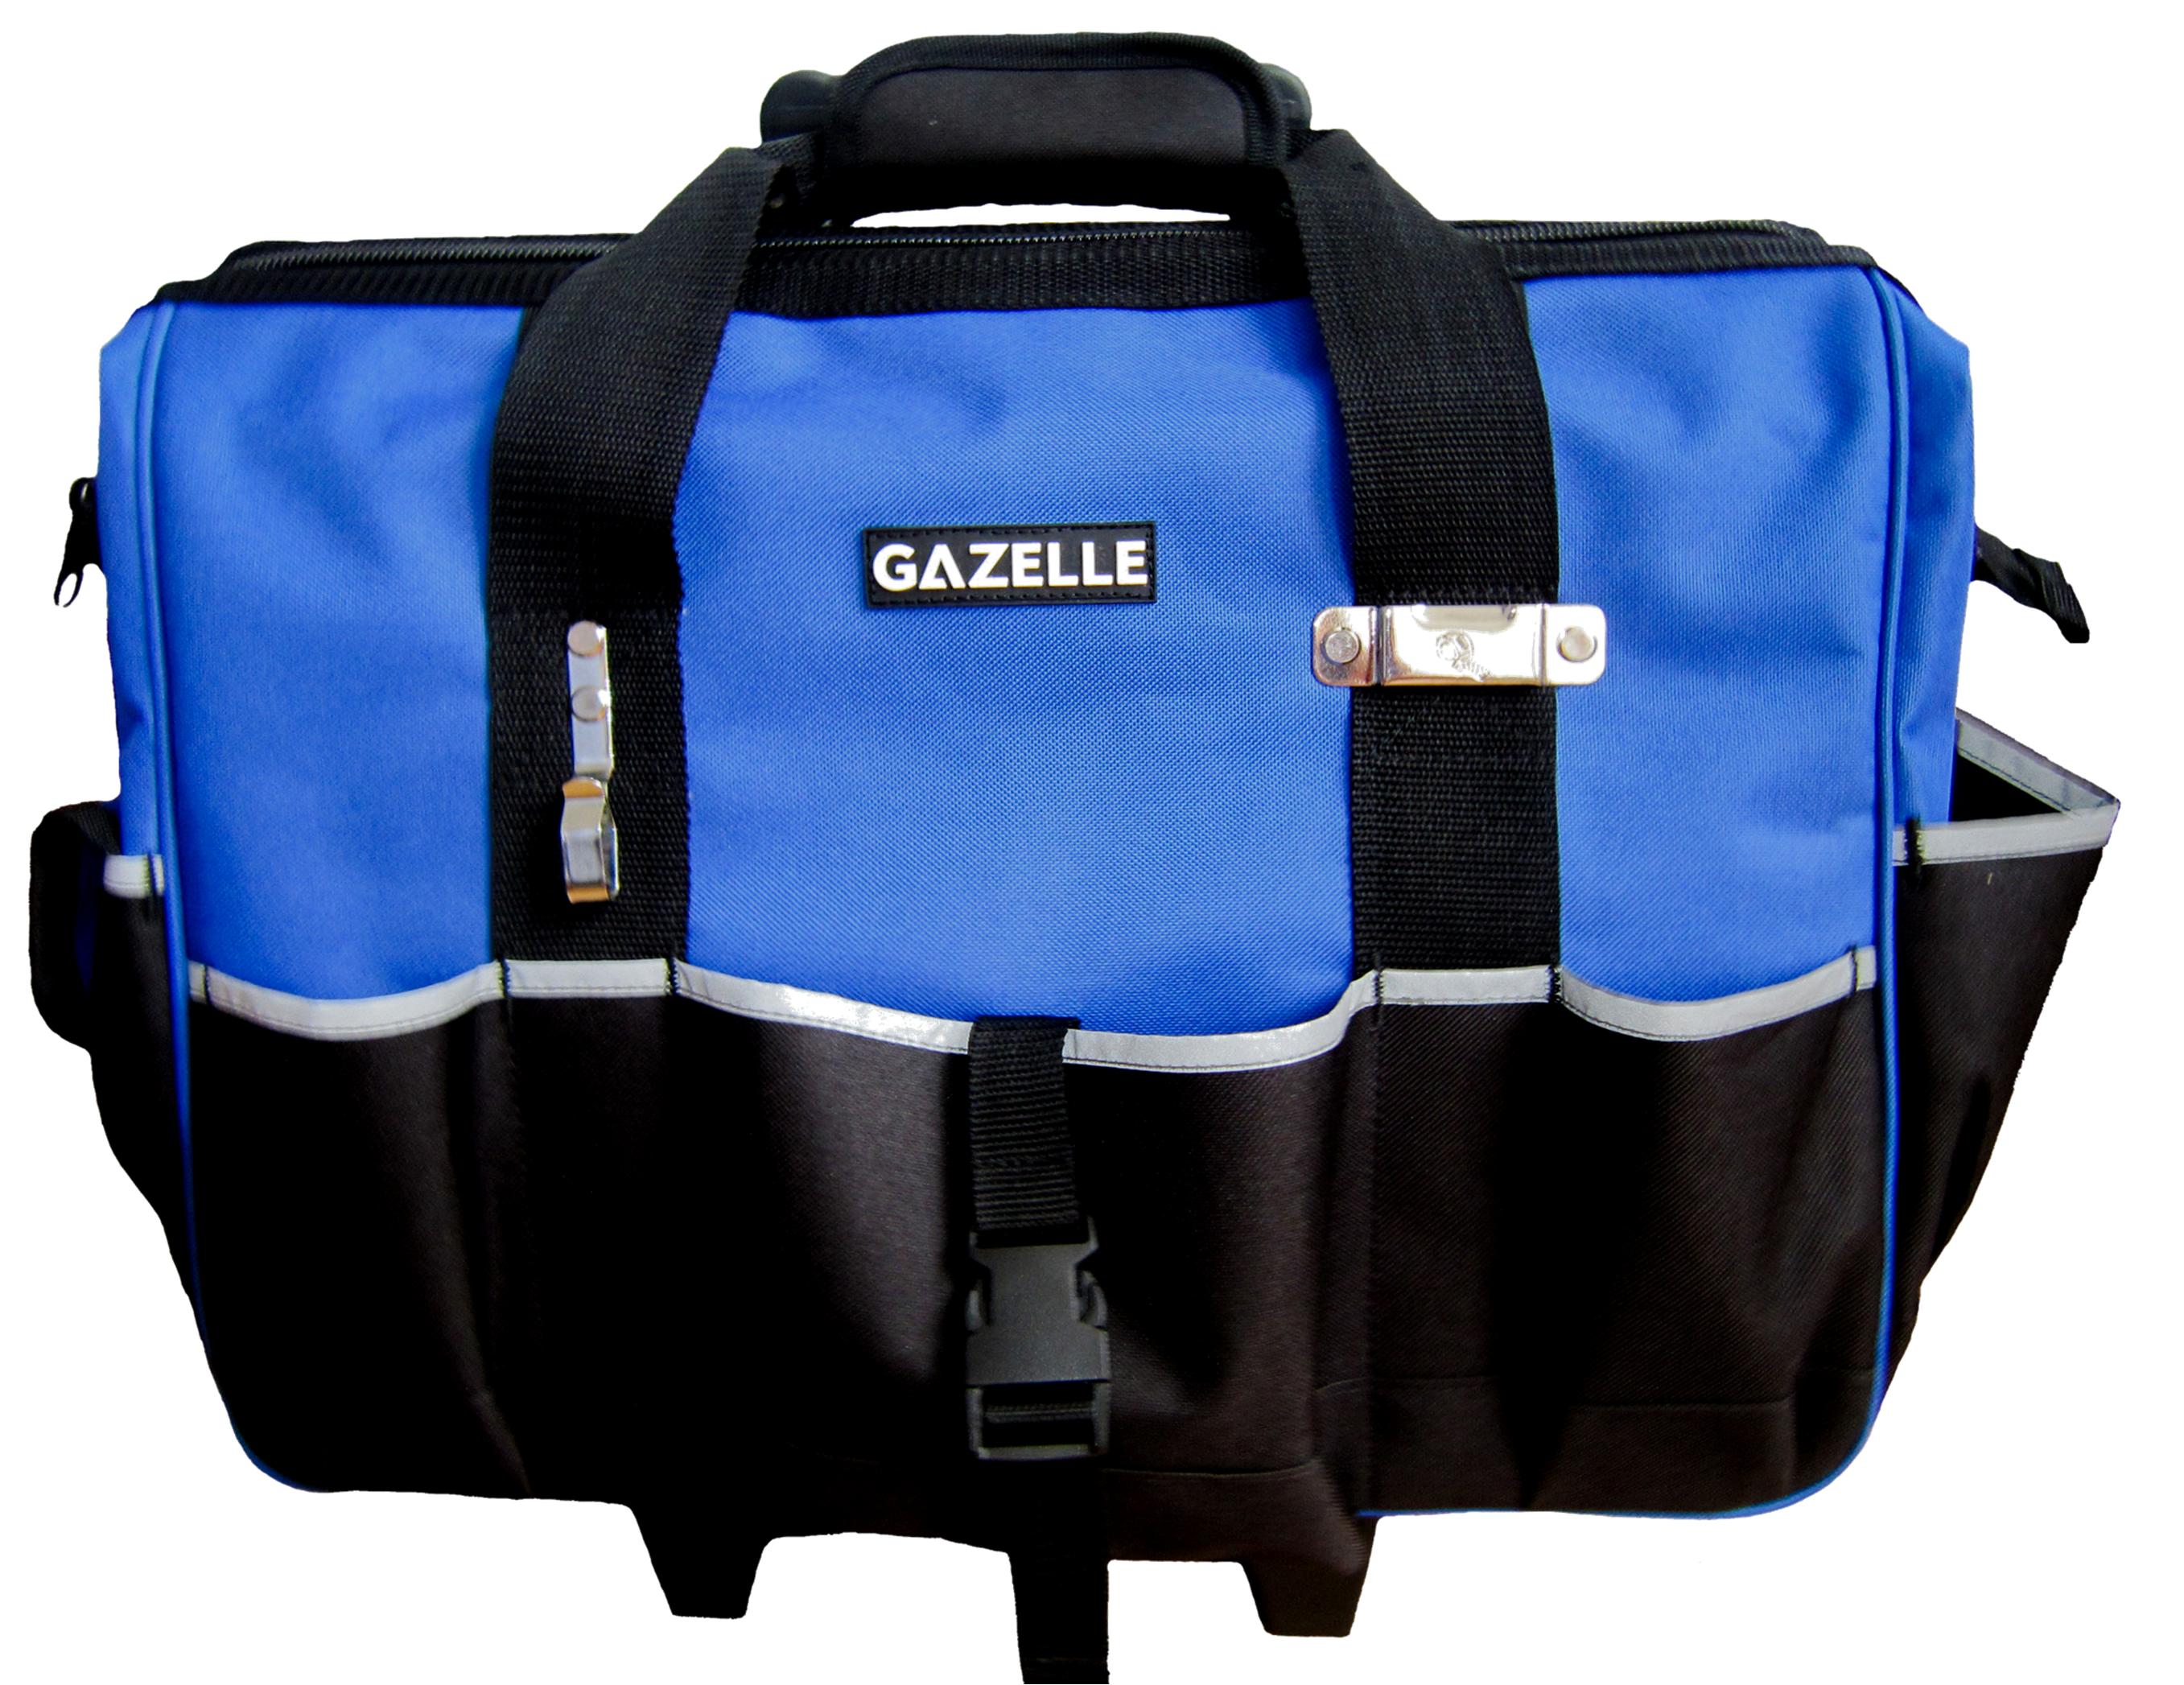 GAZELLE G8209 - 23 Pocket Tool Trolley Bag